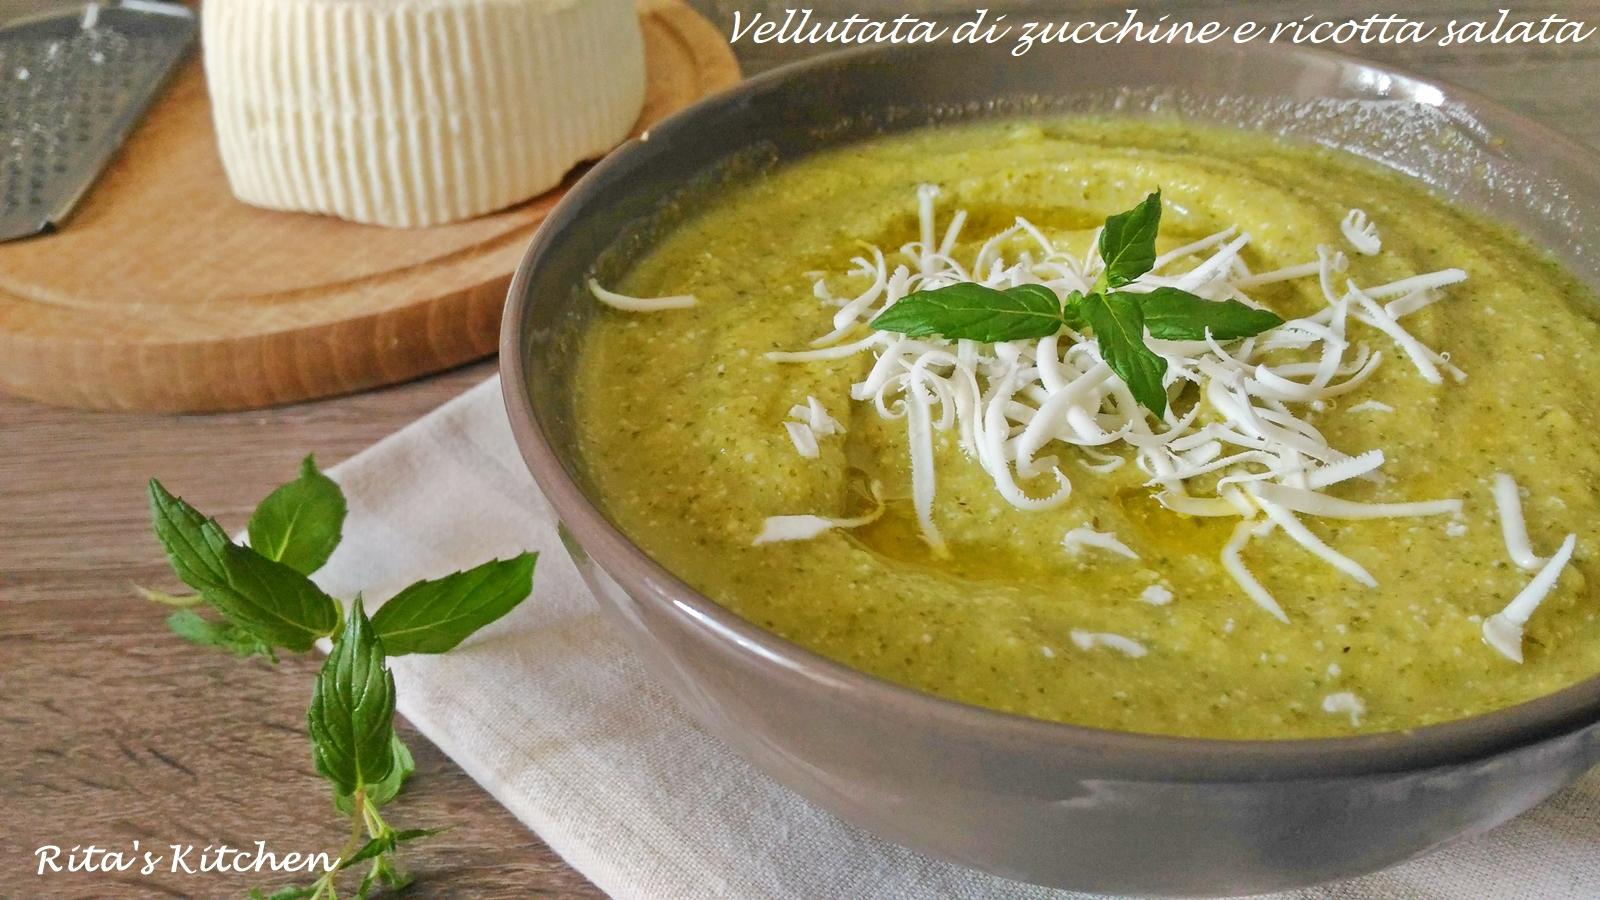 vellutata di zucchine e ricotta salata